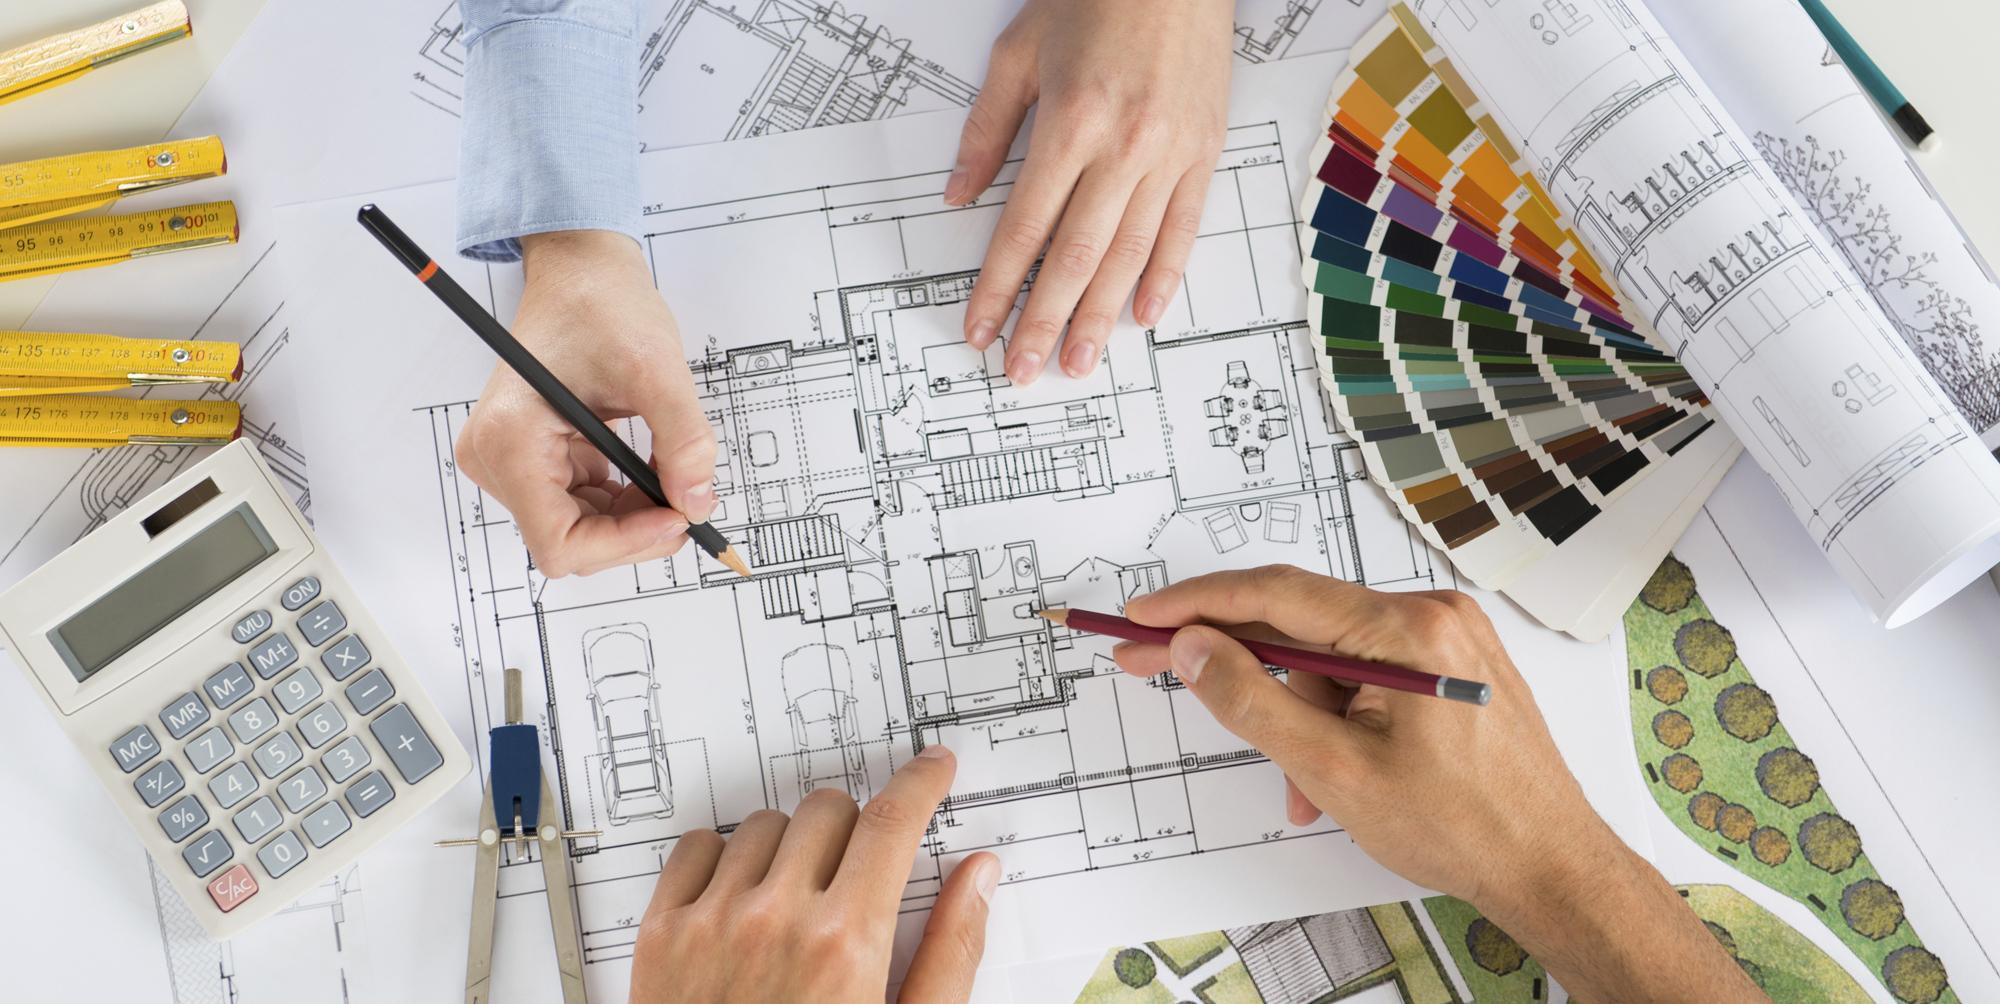 Progettazione di arredamento d'interni Gratuita a Torino